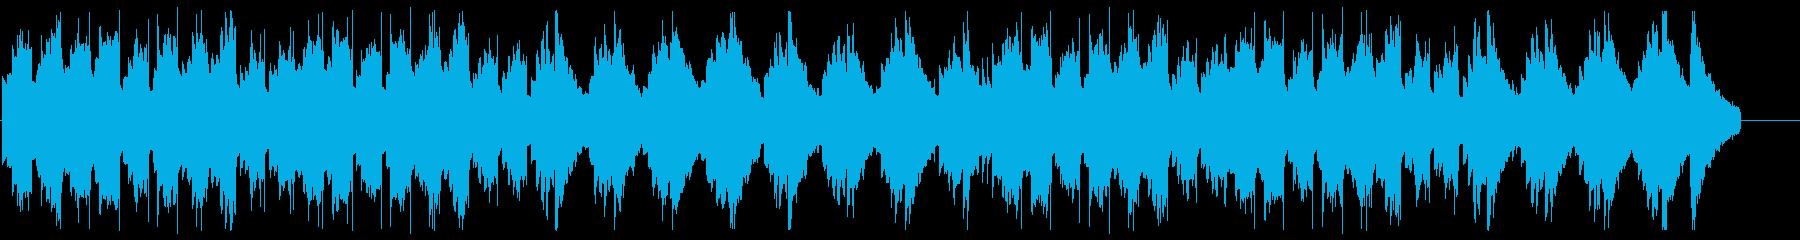 エレピとグロッケン系の音によるバラードの再生済みの波形